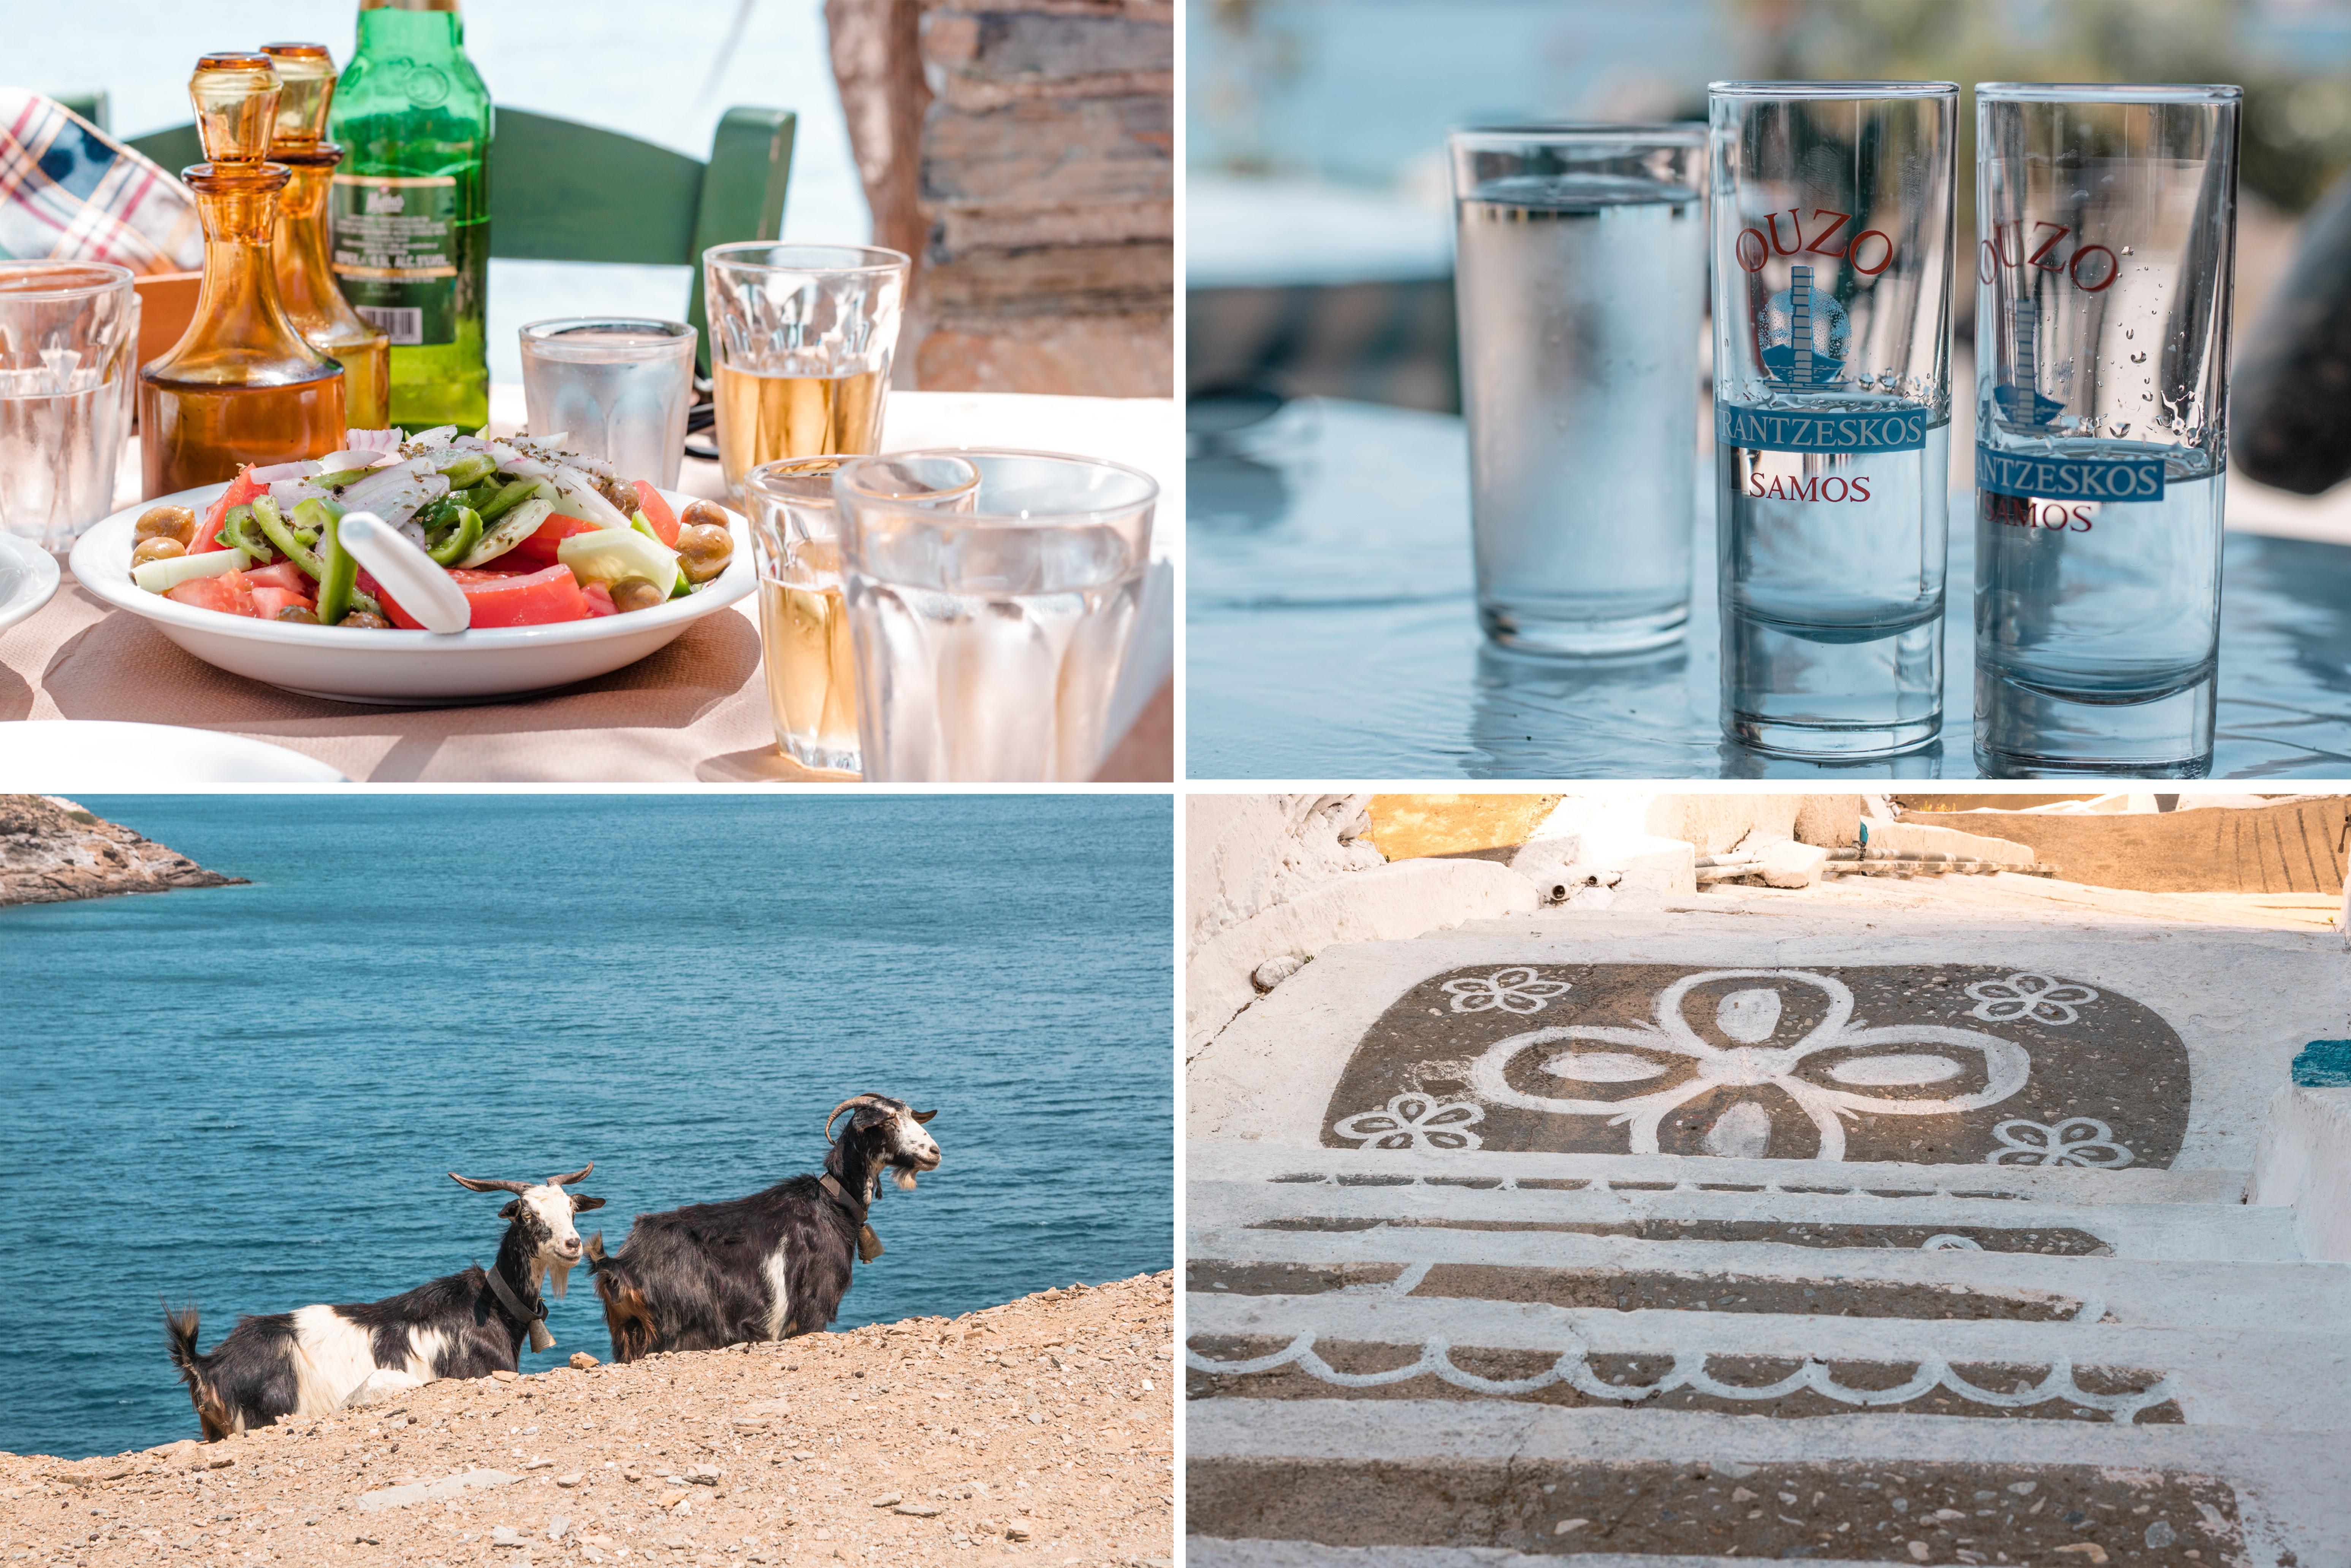 Insel Fourni- Inselhüpfen in den Dodekanes. Ziegen, Ouzo, griechischer Bauernsalat und bemalte Wege - einfach Top!